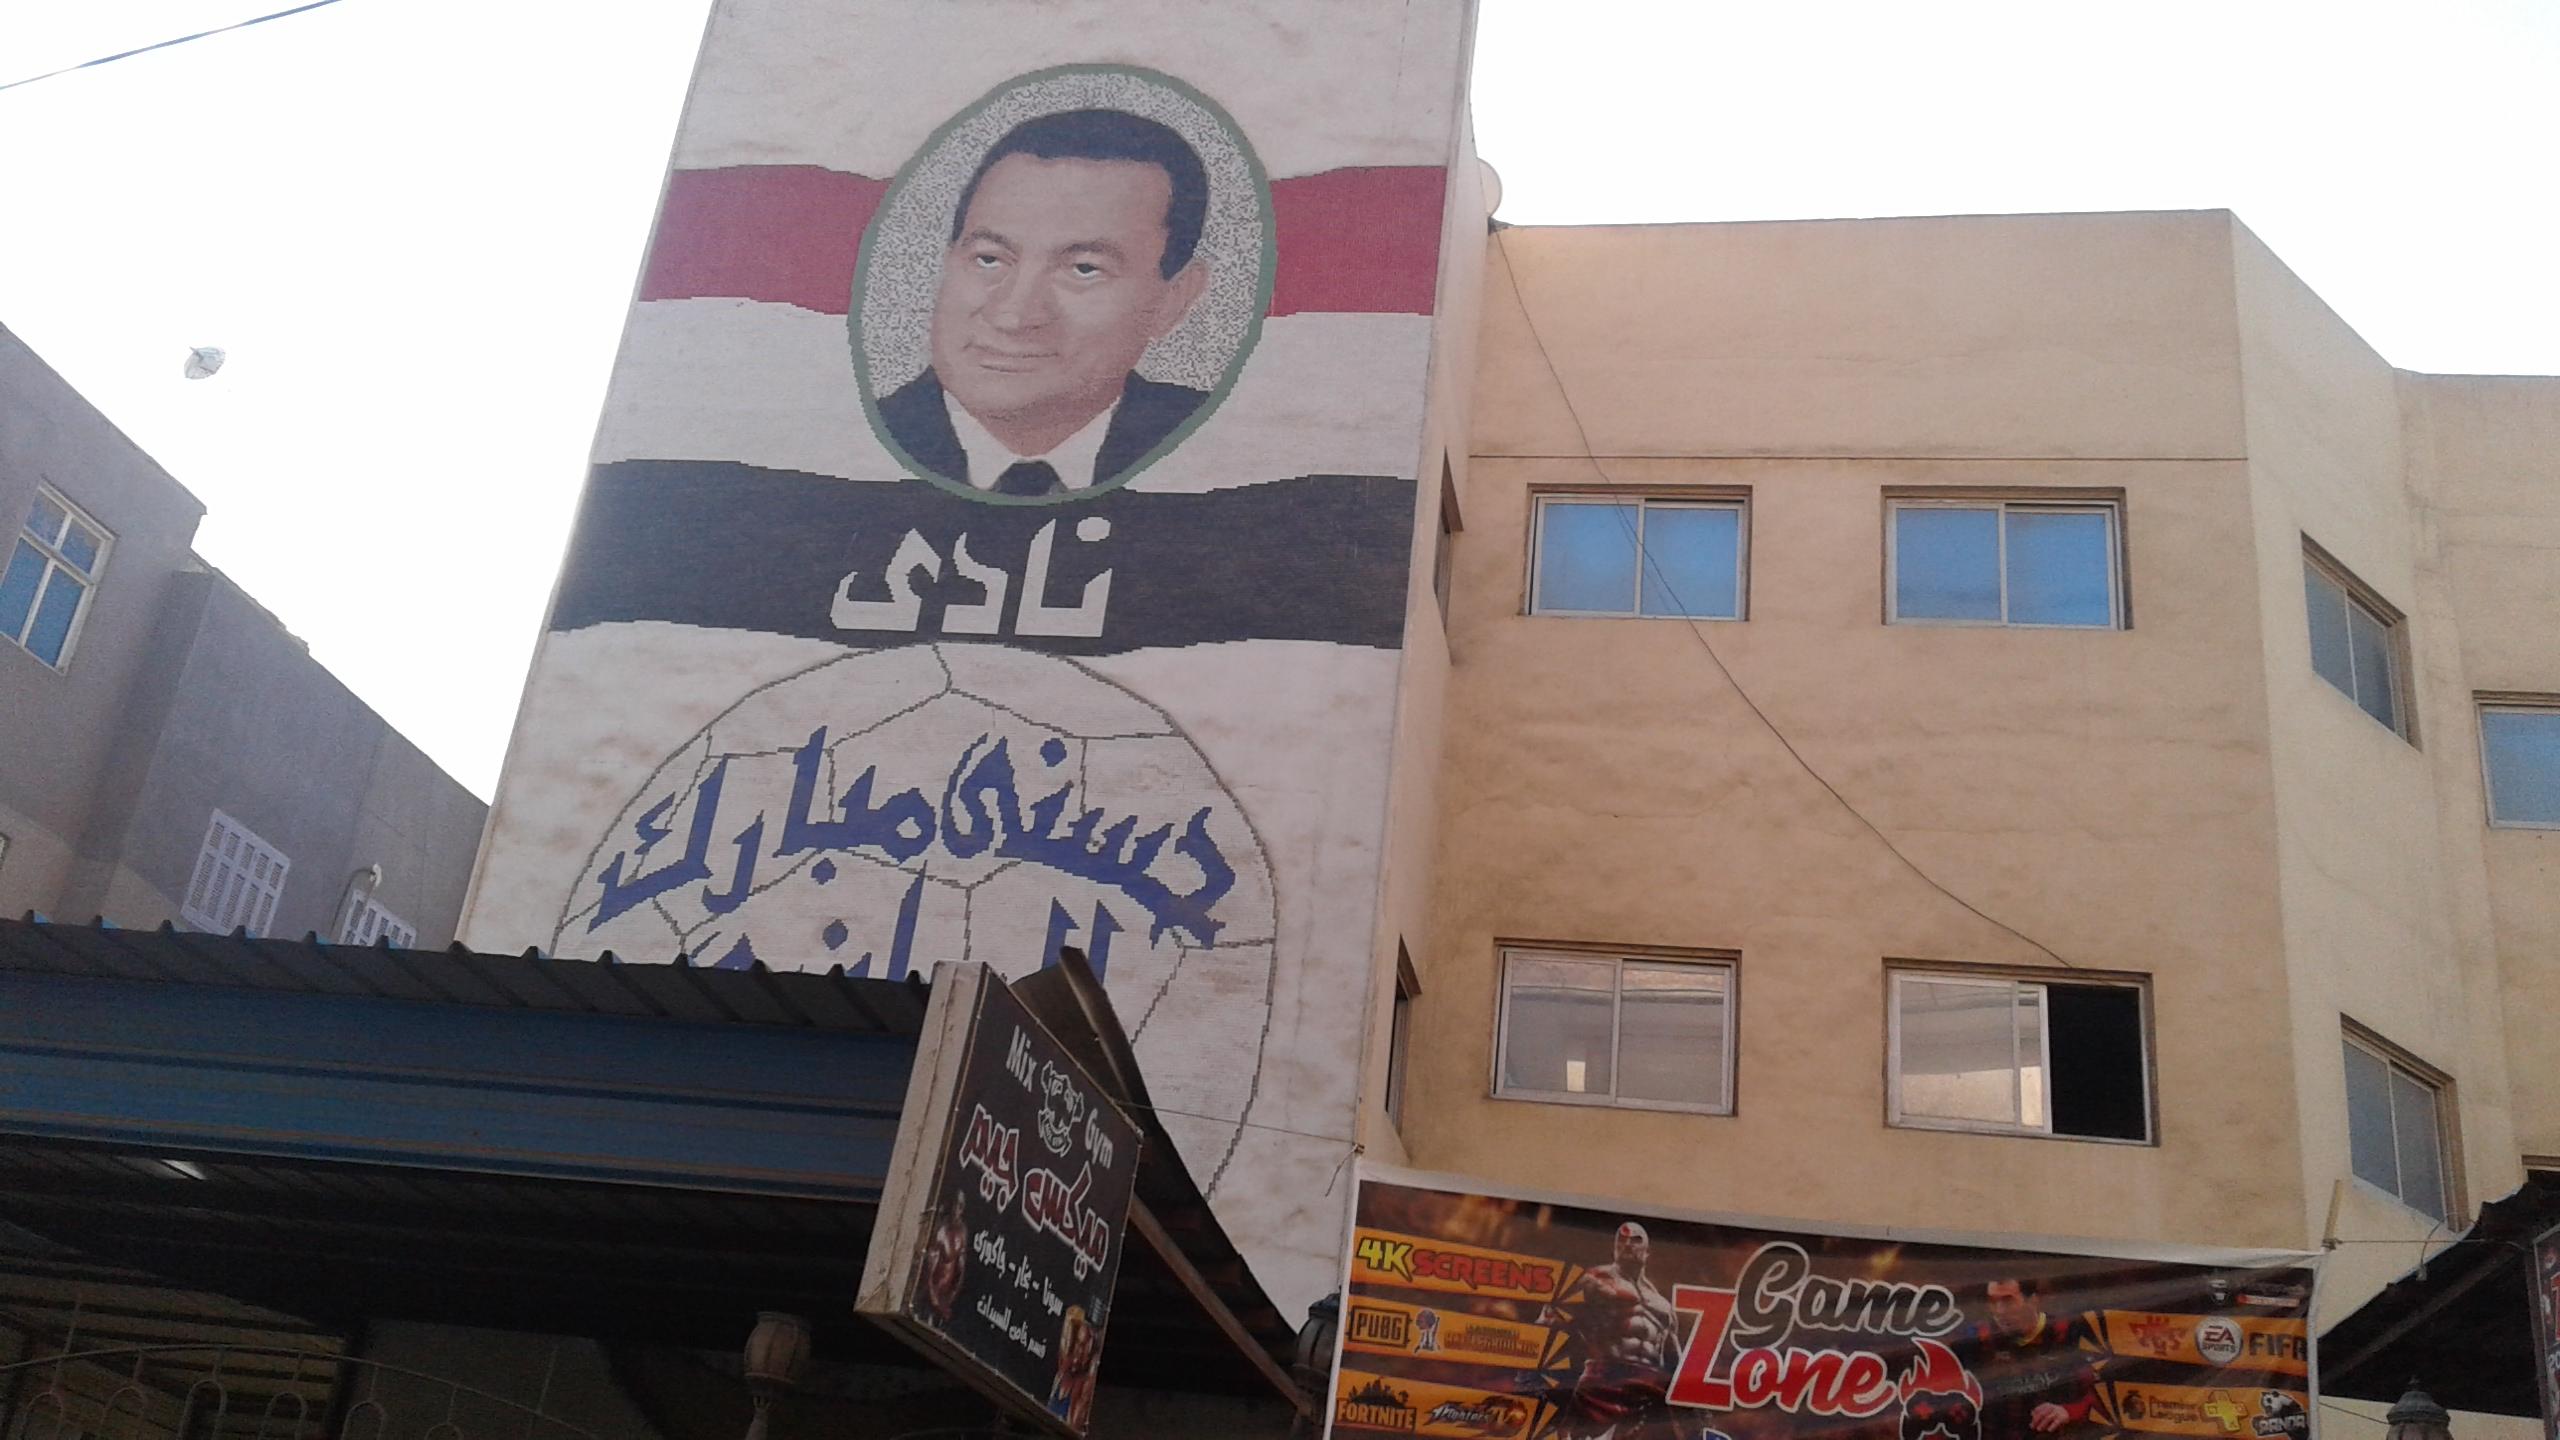 صور الرئيس الأسبق تزين مبنى النادى الرياضى (2)